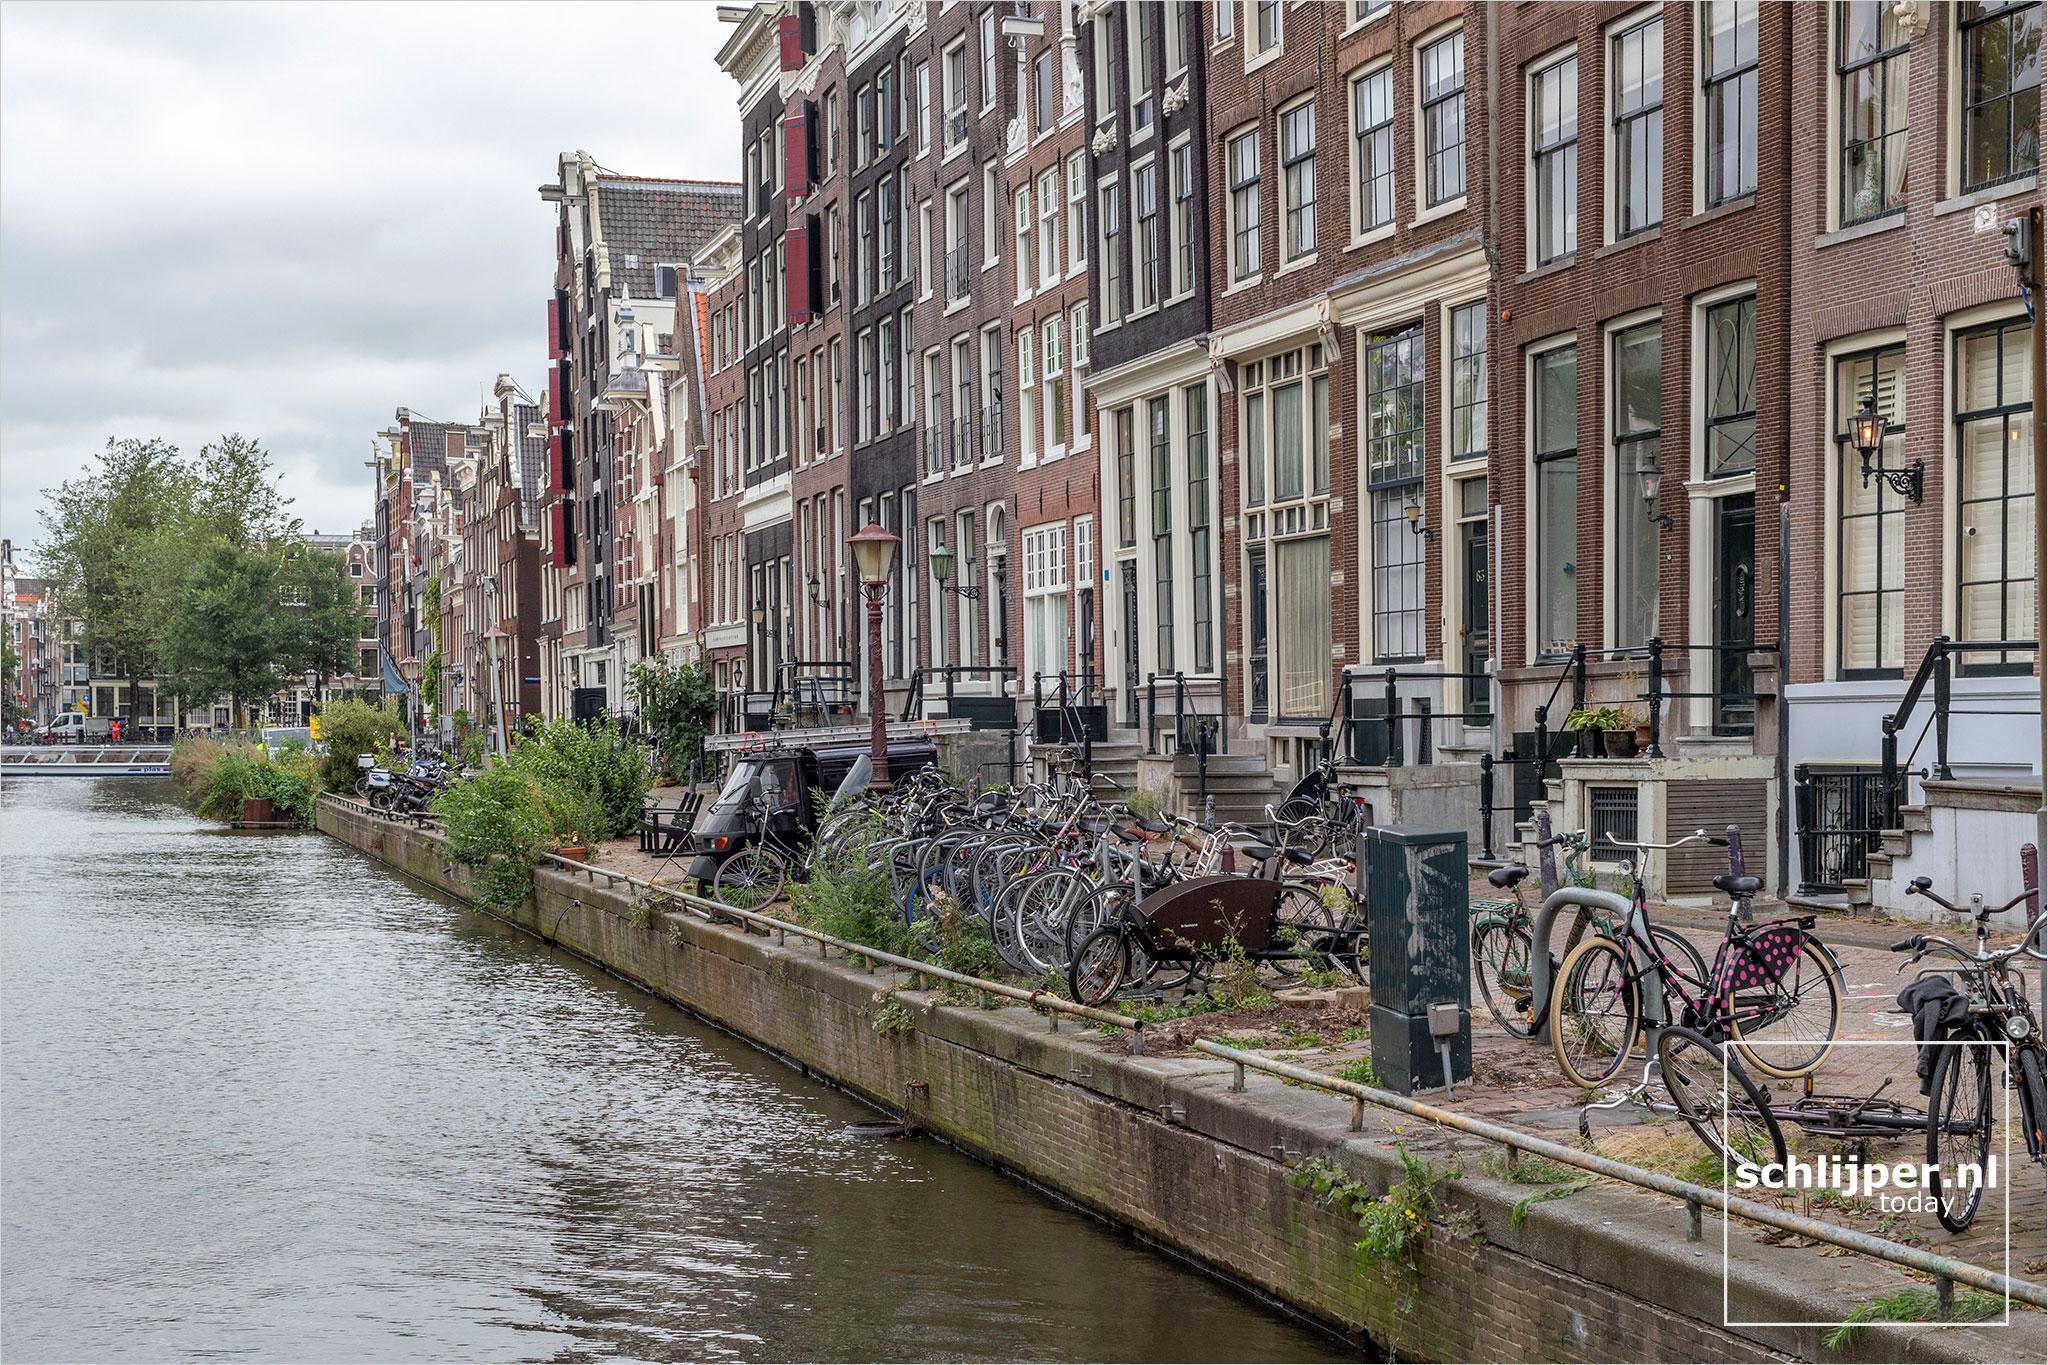 The Netherlands, Amsterdam, 23 september 2021